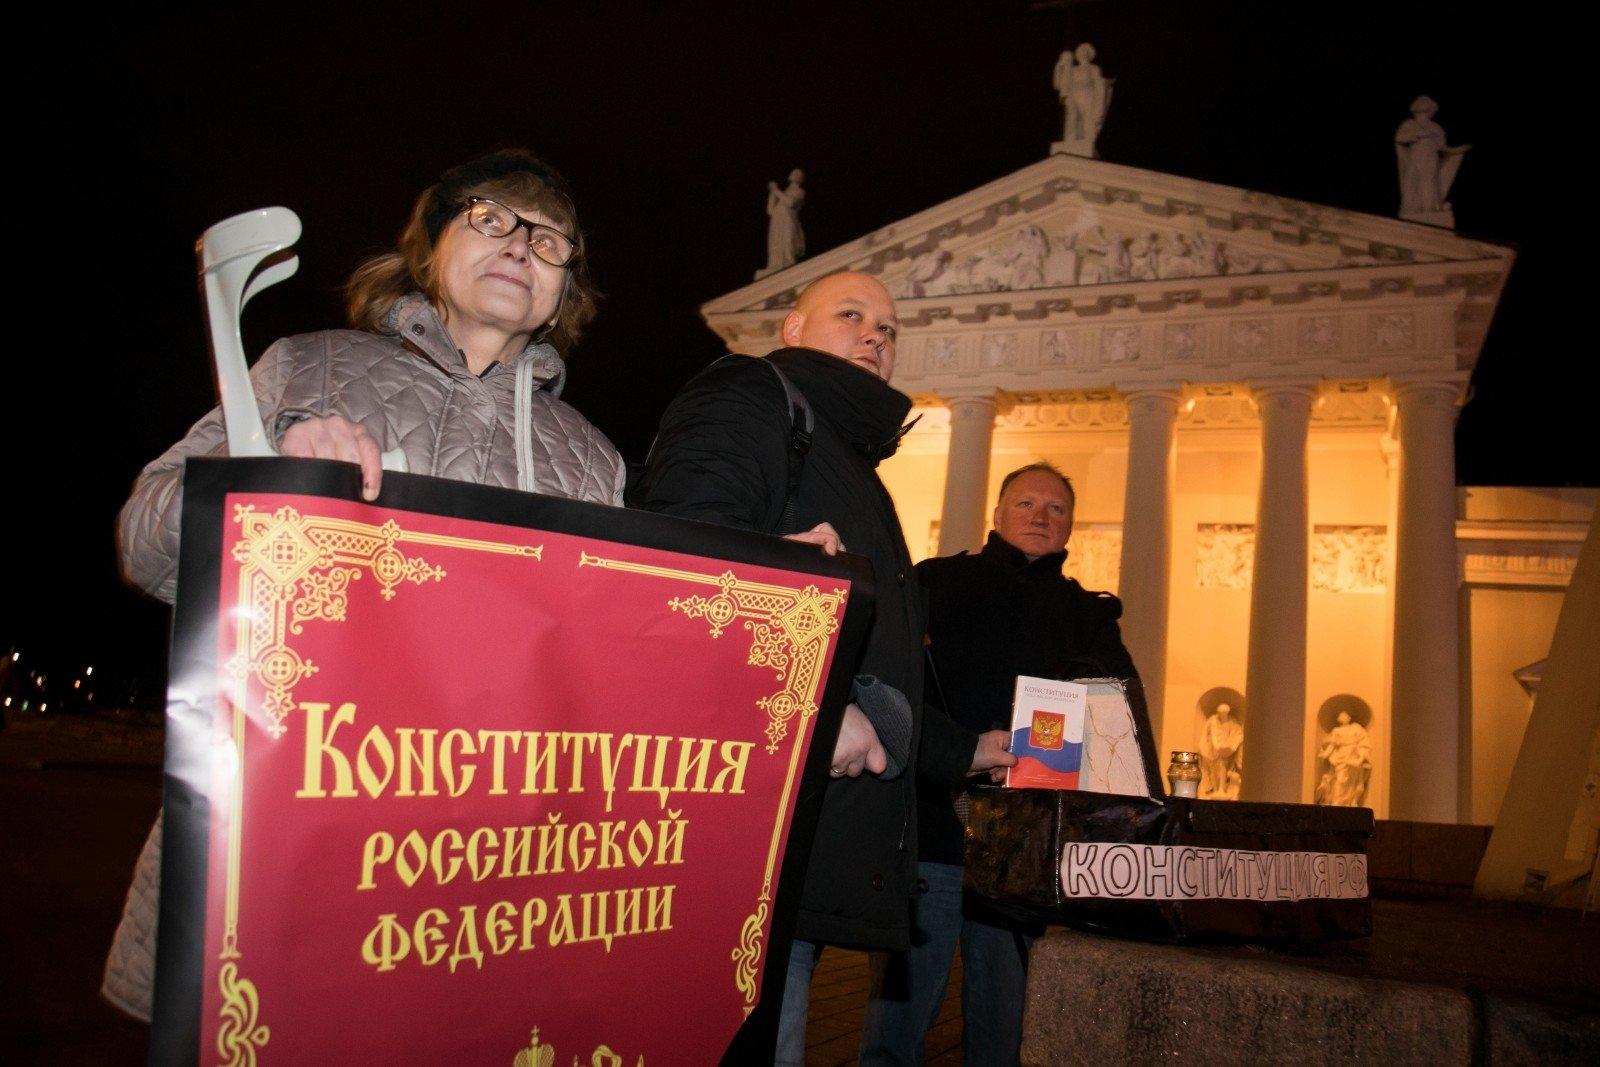 Суд назначил первый административный арест по итогам митинга 10 августа в Москве